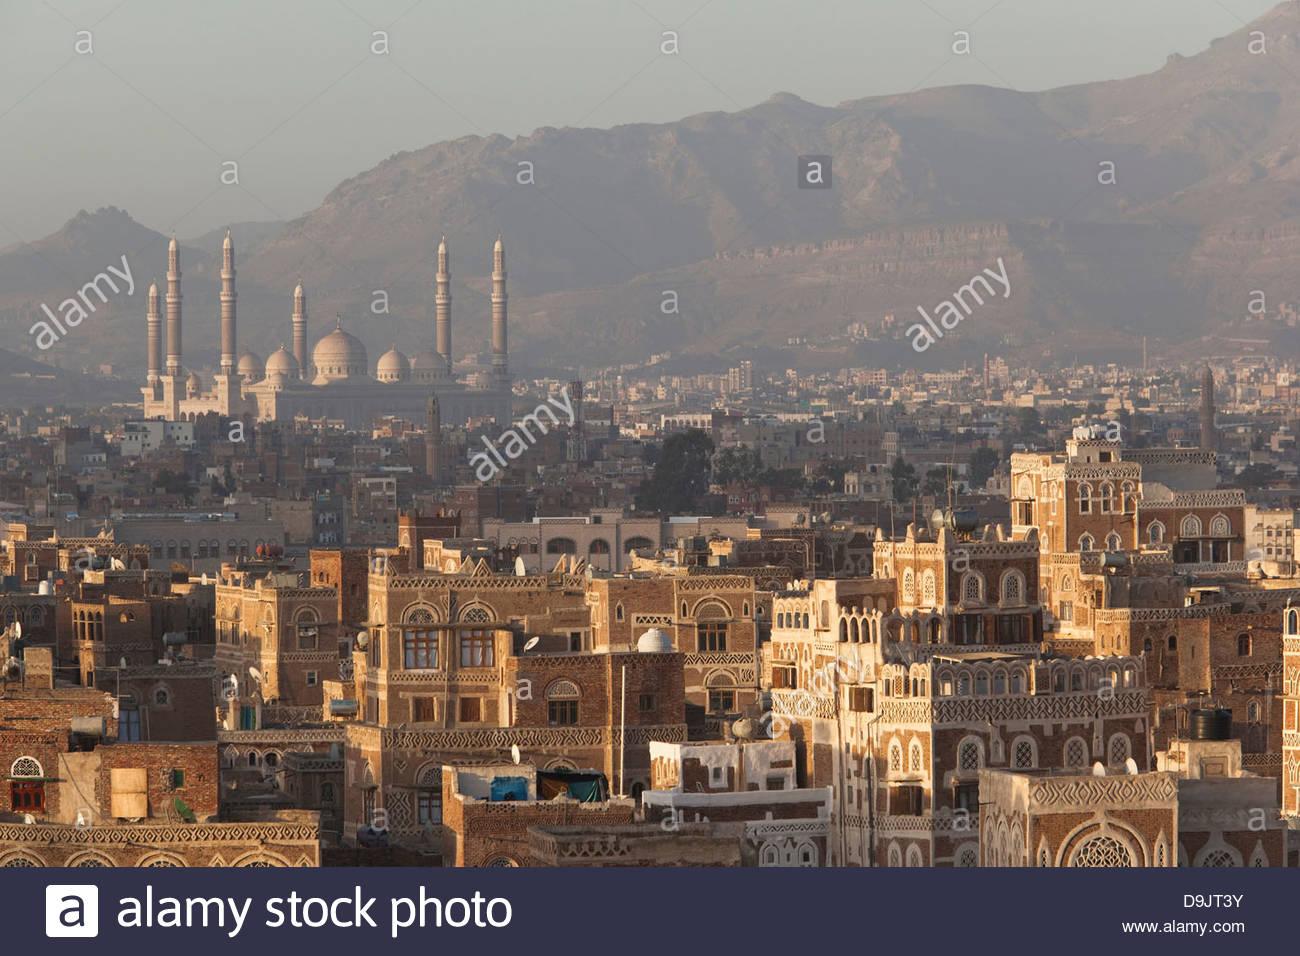 Dächer der Altstadt, Sana'a, ein UNESCO-Welterbe seit über 2500 Jahren bewohnt ist. Sanaa, Jemen. Stockbild